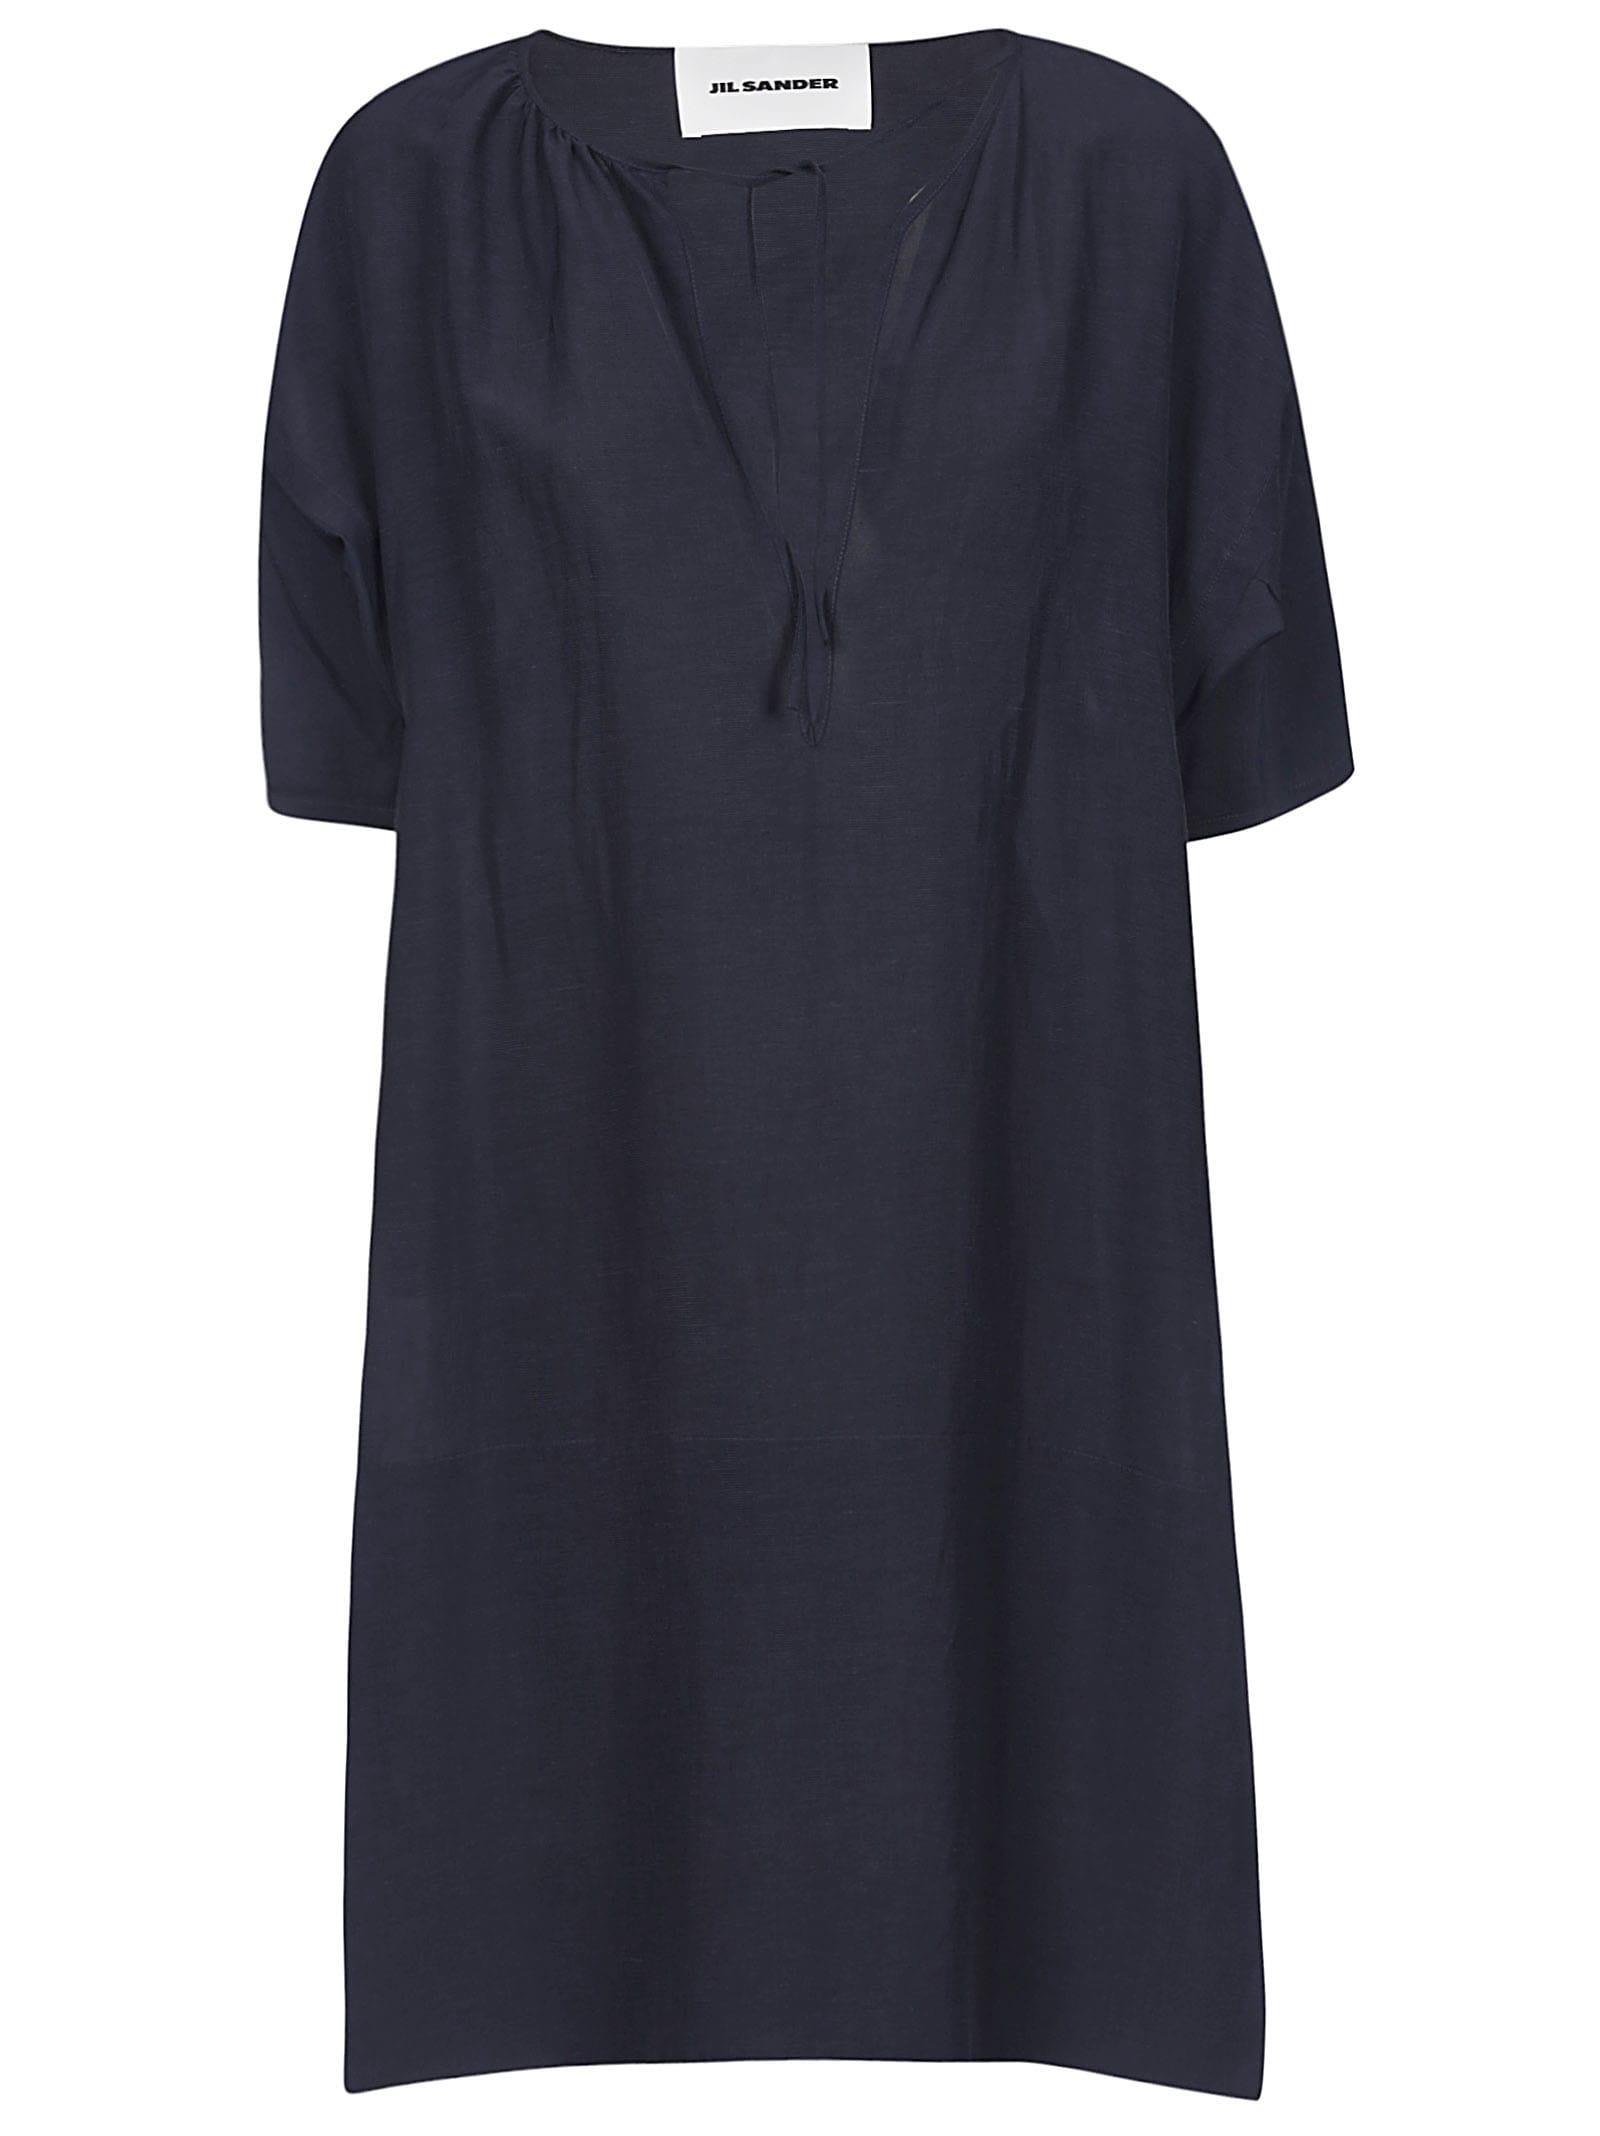 Buy Jil Sander Flared V-neck Dress online, shop Jil Sander with free shipping